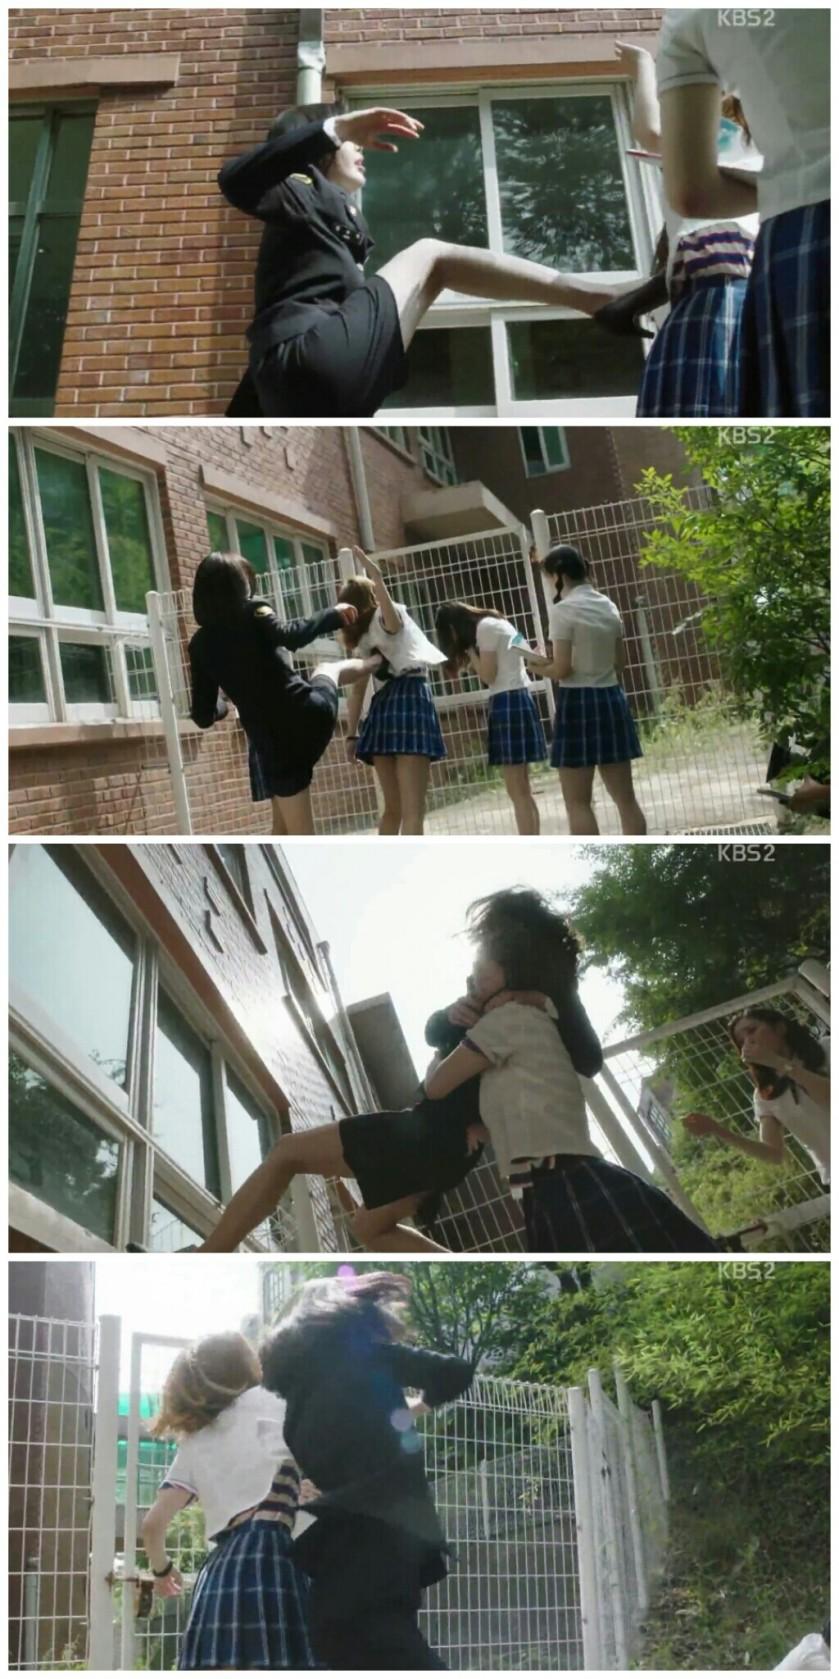 School ep 2 sunhwa beating bullies